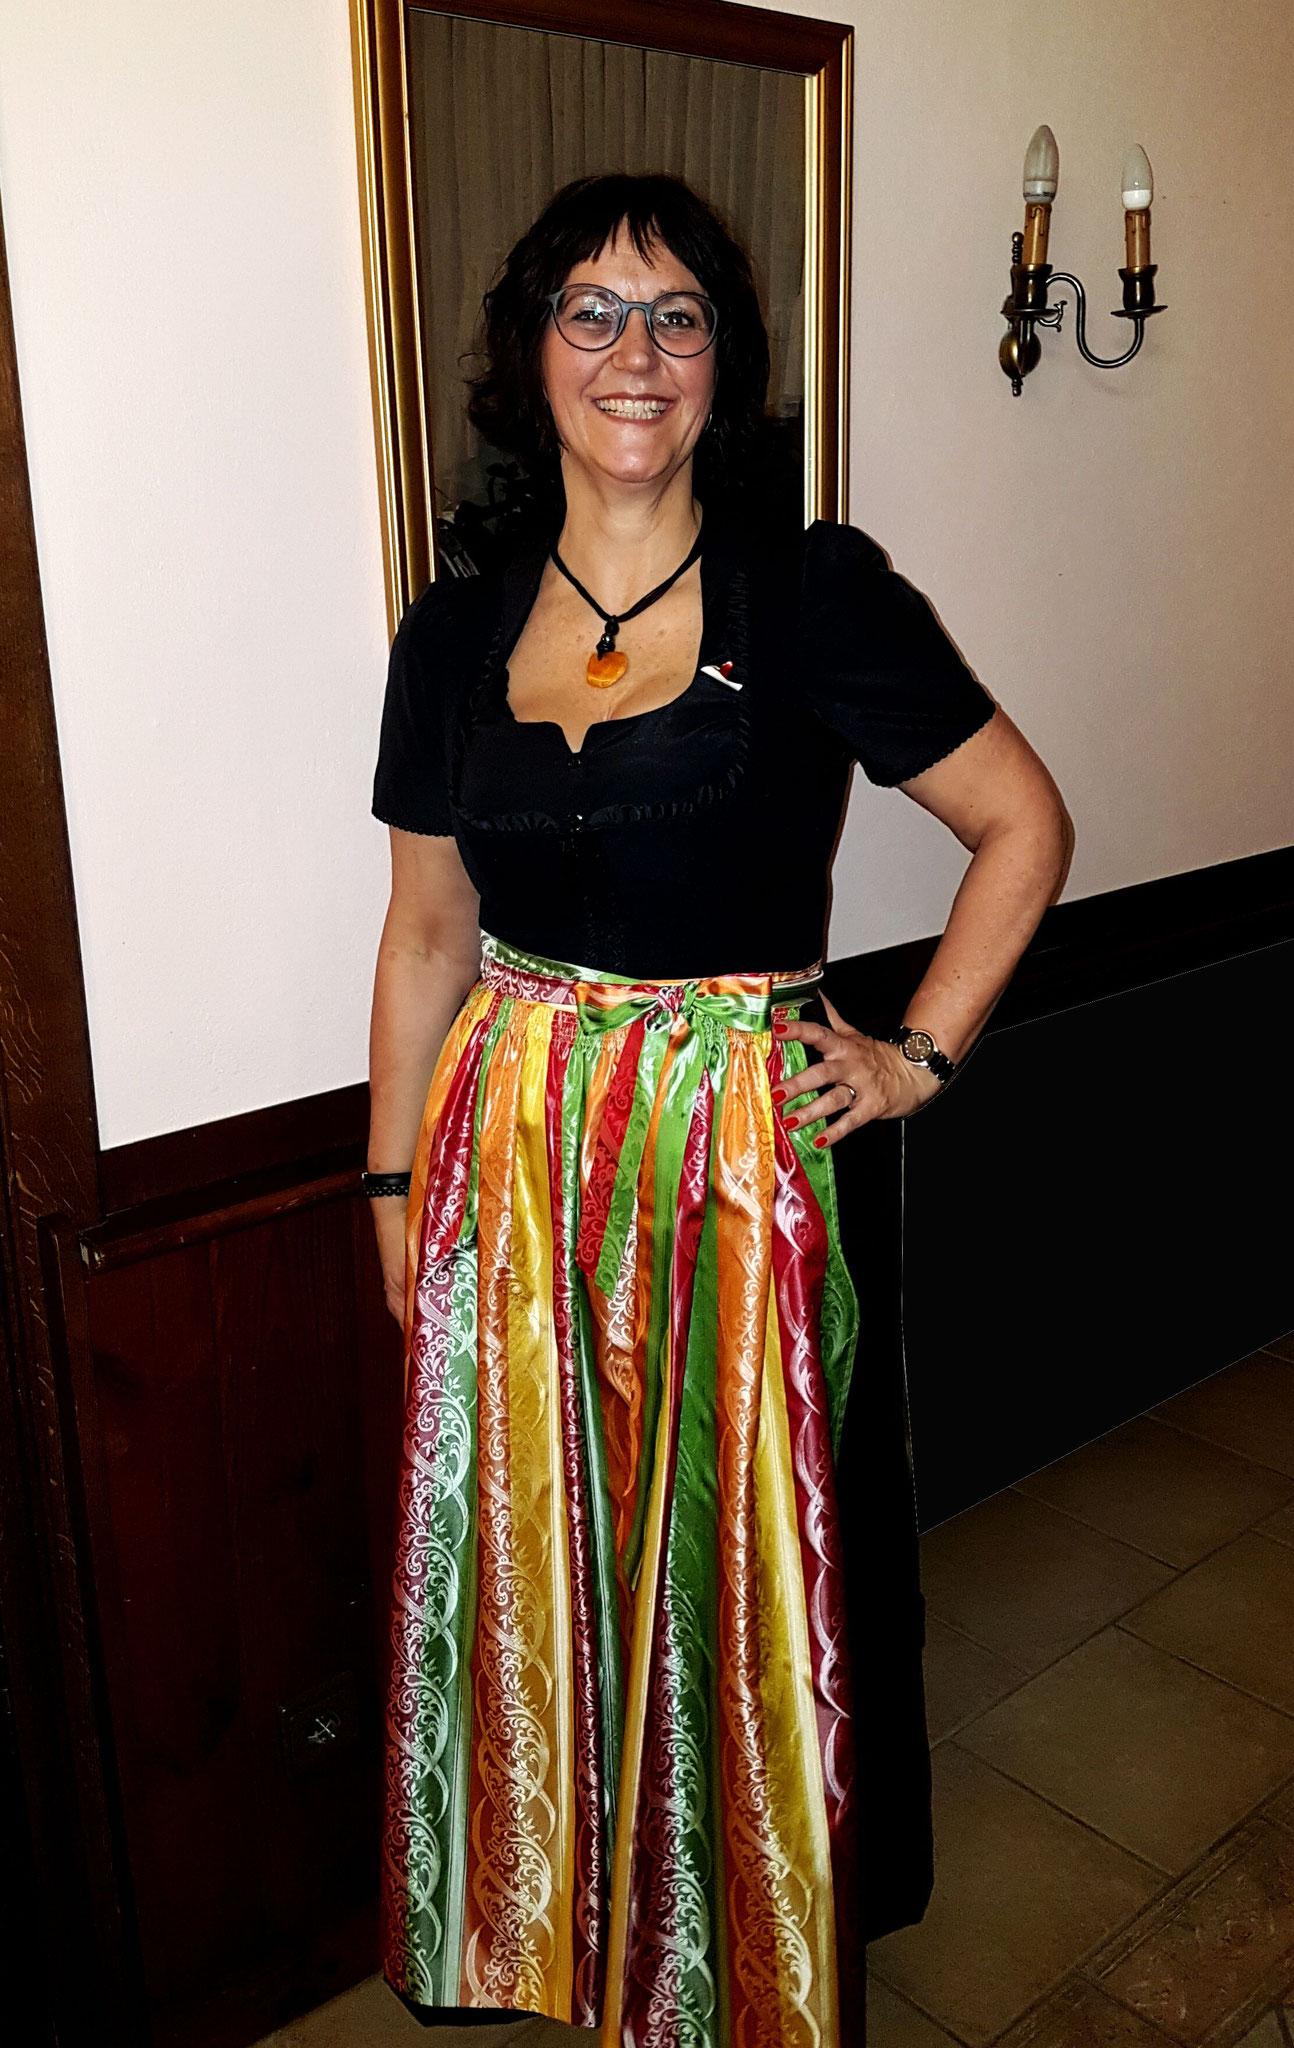 Frau Mag. Elisabeth Lind in einem wunderschönen Festdirndl mit Seidenschürze. Die Therapeutin bietet in Ihrer Praxis Wohlbefinden von innen und aussen :)